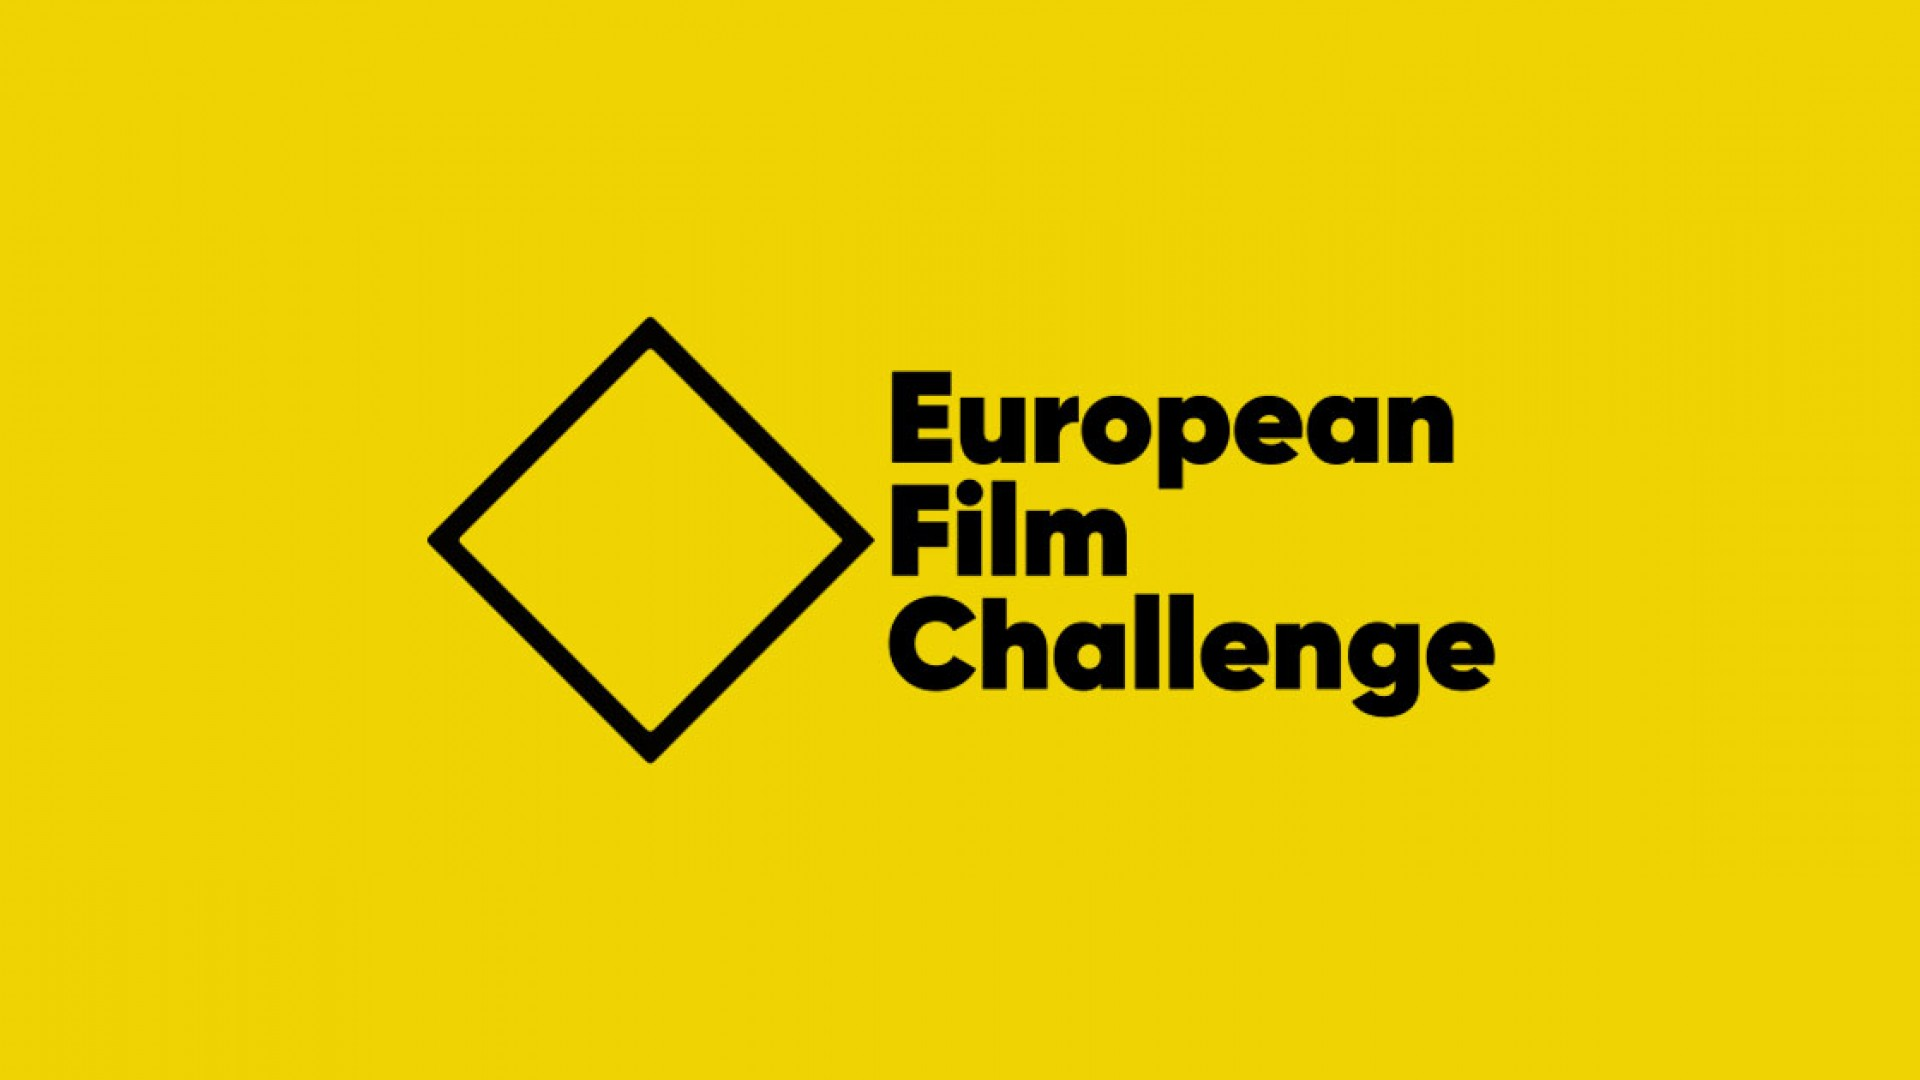 European Film Challenge 2021